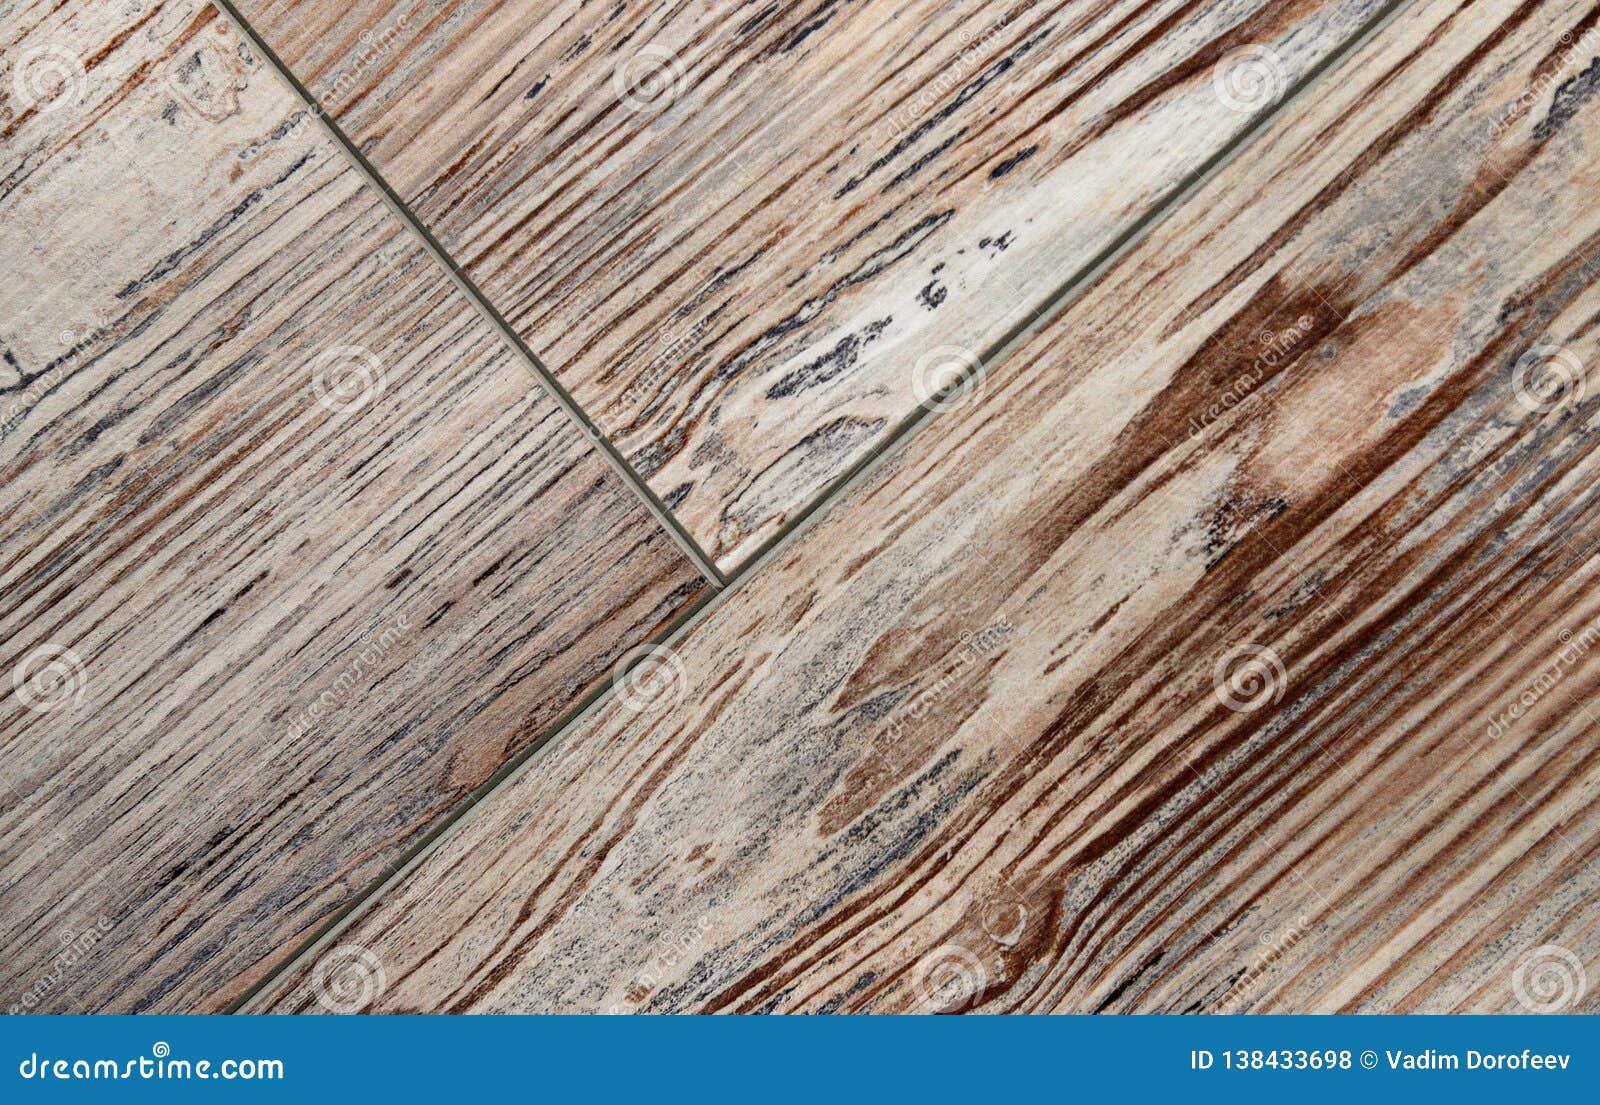 Фоновое изображение деревянной плоской поверхности хряков